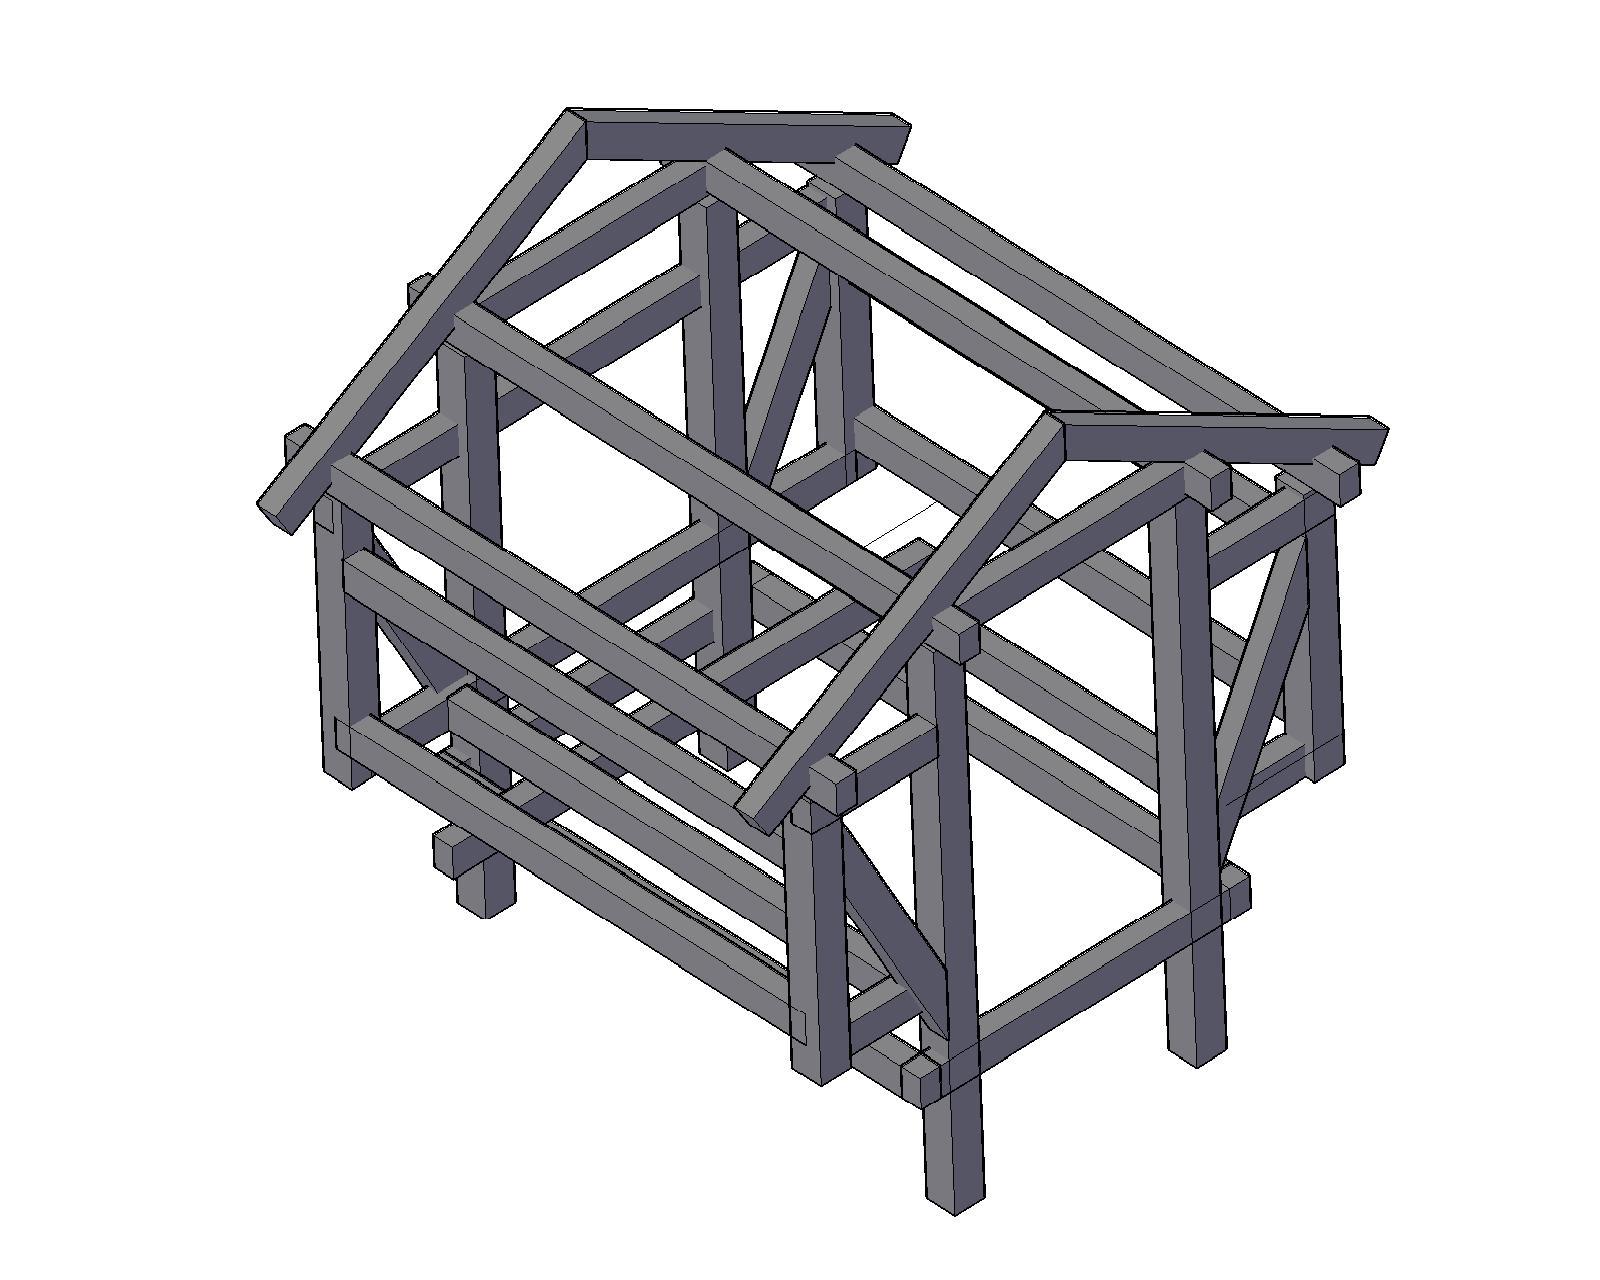 Shelteret måler 280 cm x 280 cm og er en bindingsværkkonstruktion. Illustration: Mikkel Johansen